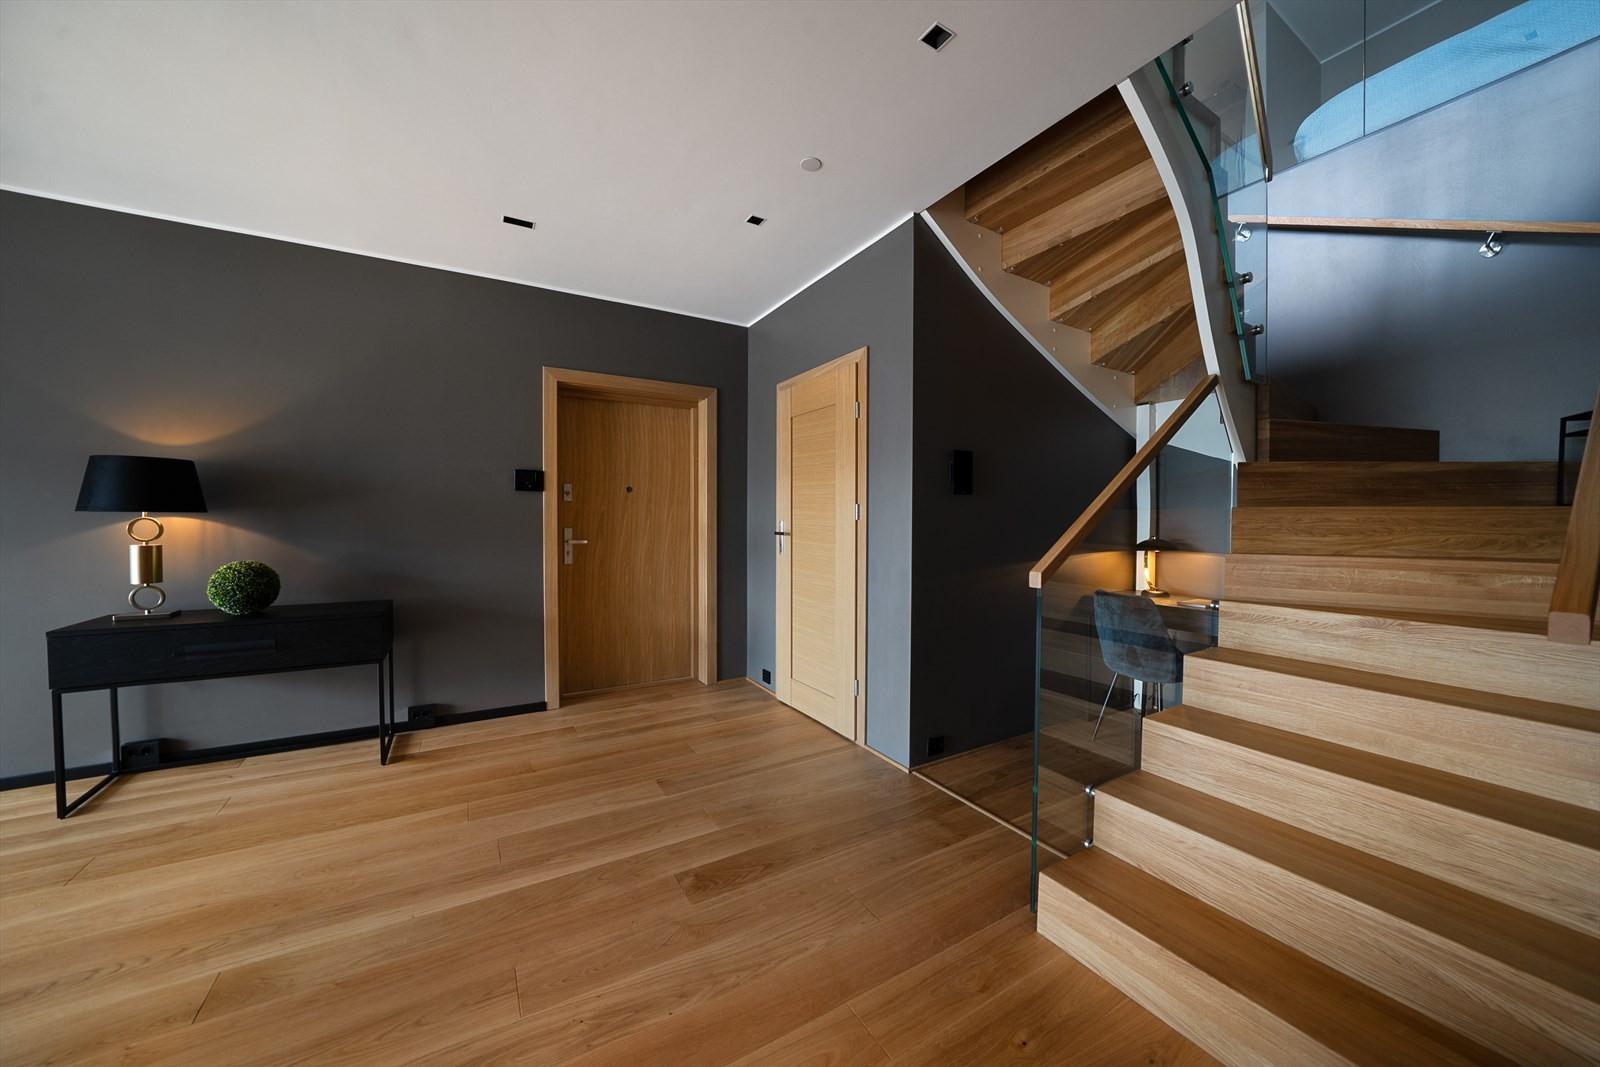 Belysningen er av høy kvalitet, strategisk plassert og av samme høy kvalitet som resten av elementene i boligen